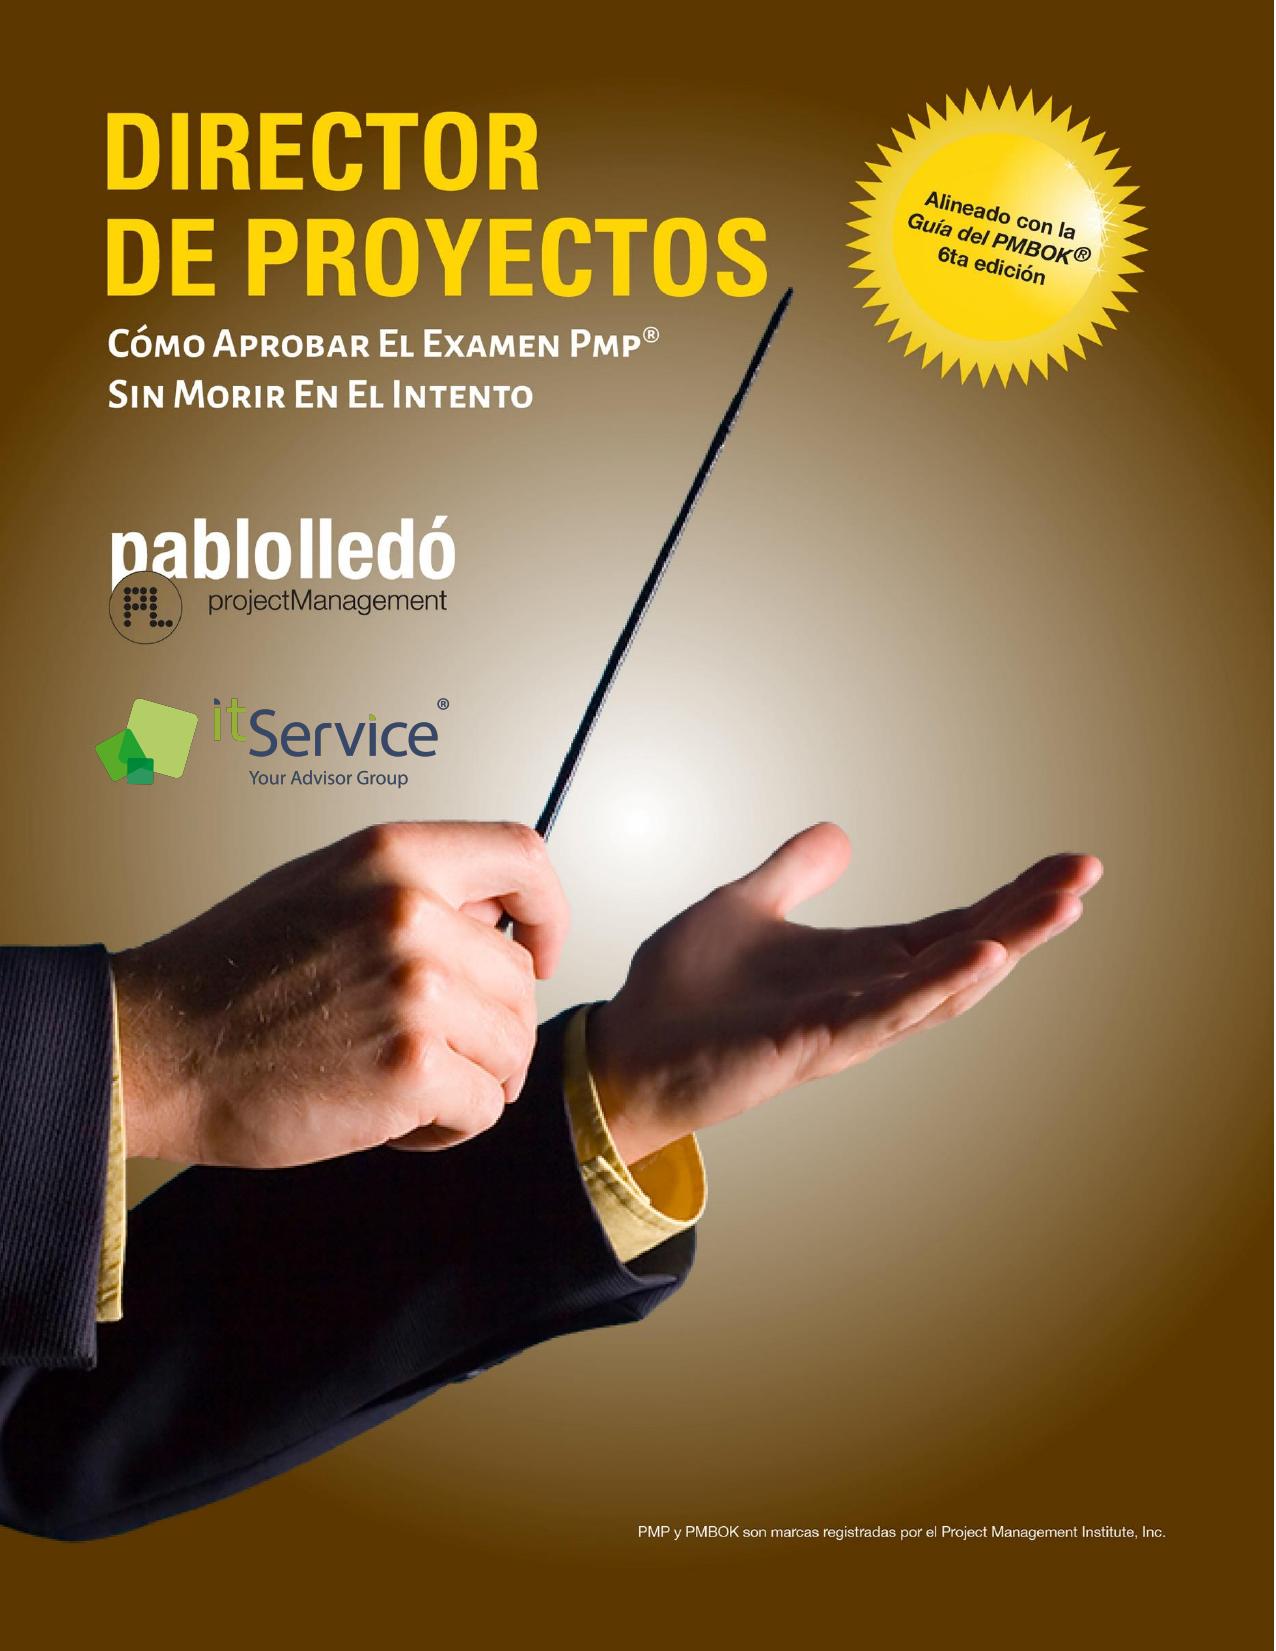 2018-Pablo-LLedo-Libro-Preparacion-Examen-PMBOK-PMP-6-edicion